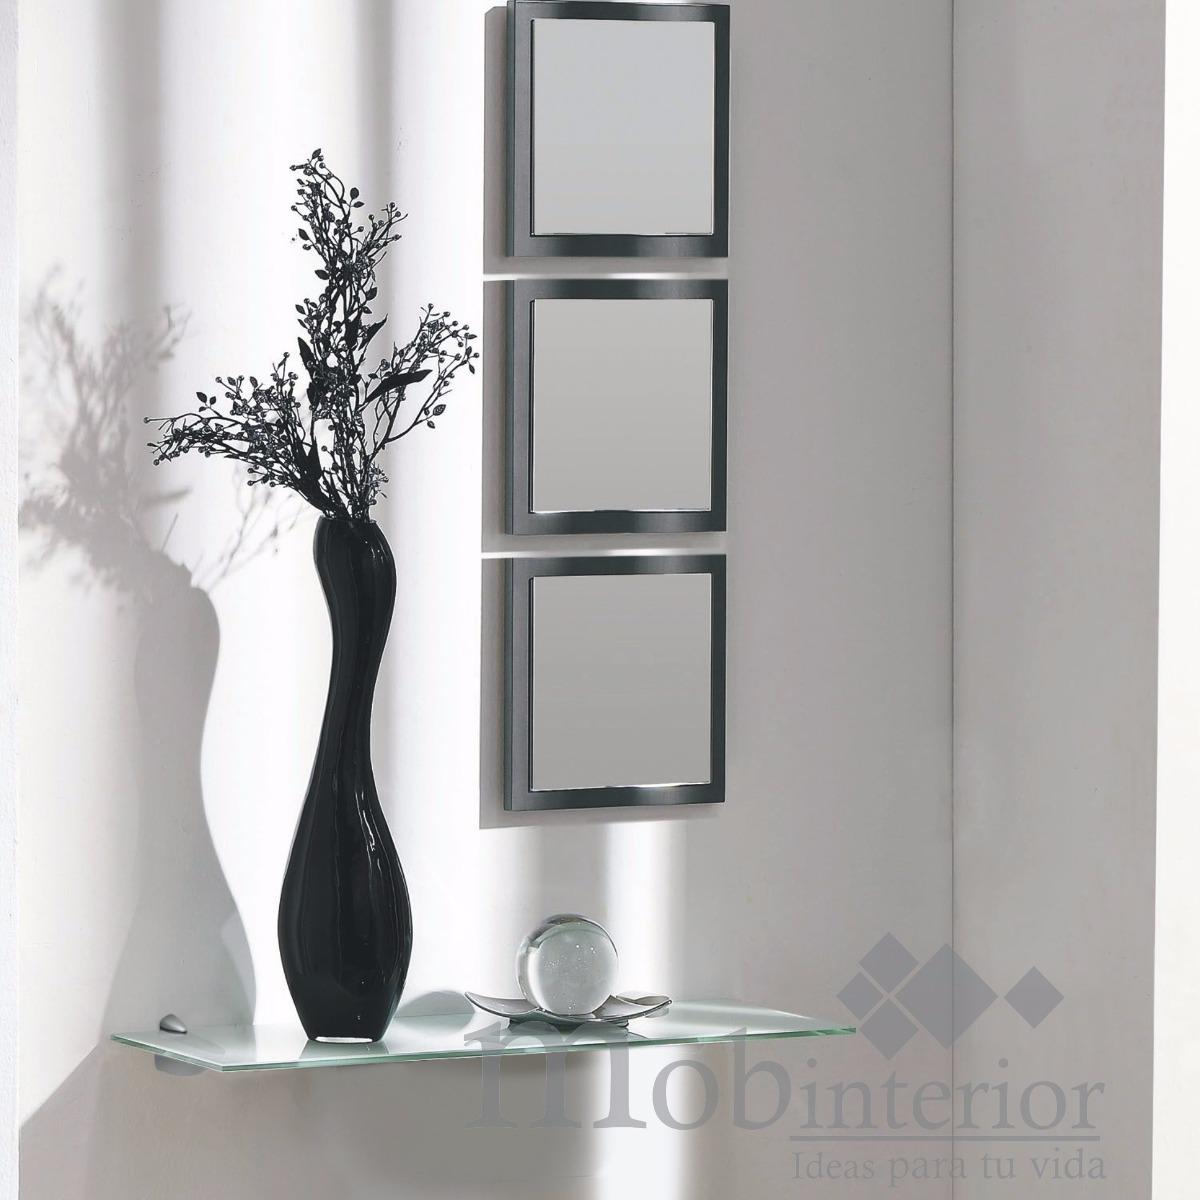 Repisa recibidor de cristal con 3 espejos mobinterior for Espejos estrechos